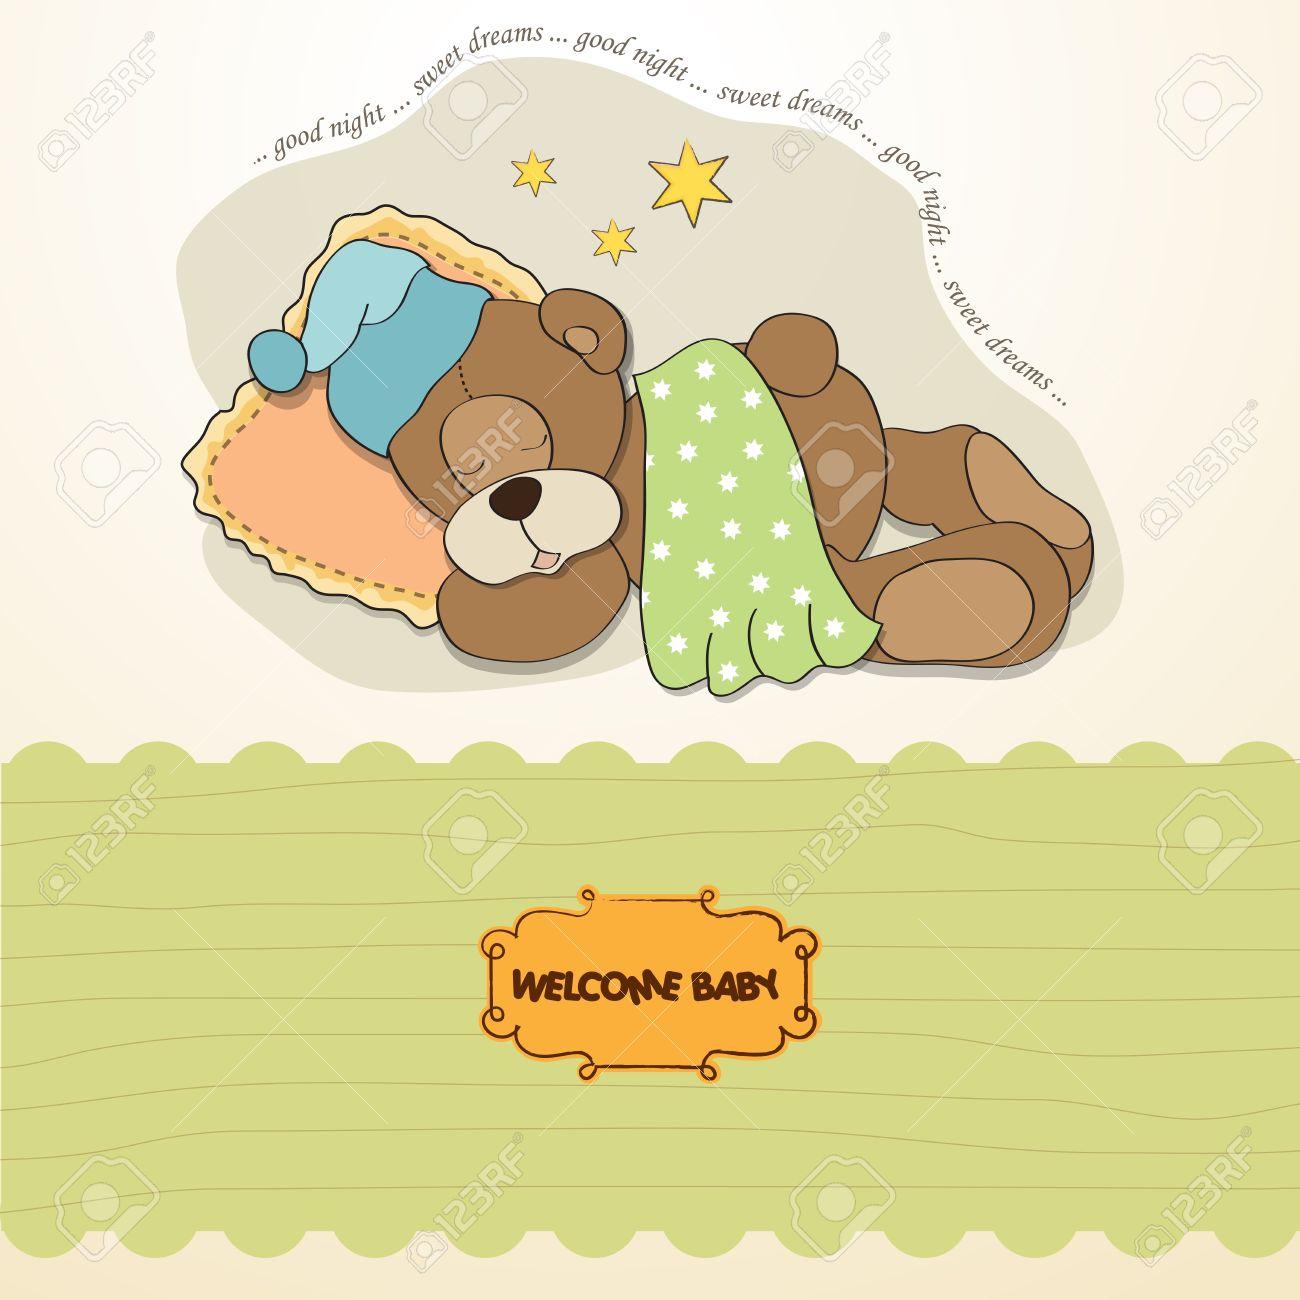 baby shower card with sleeping teddy bear Stock Vector - 17671273